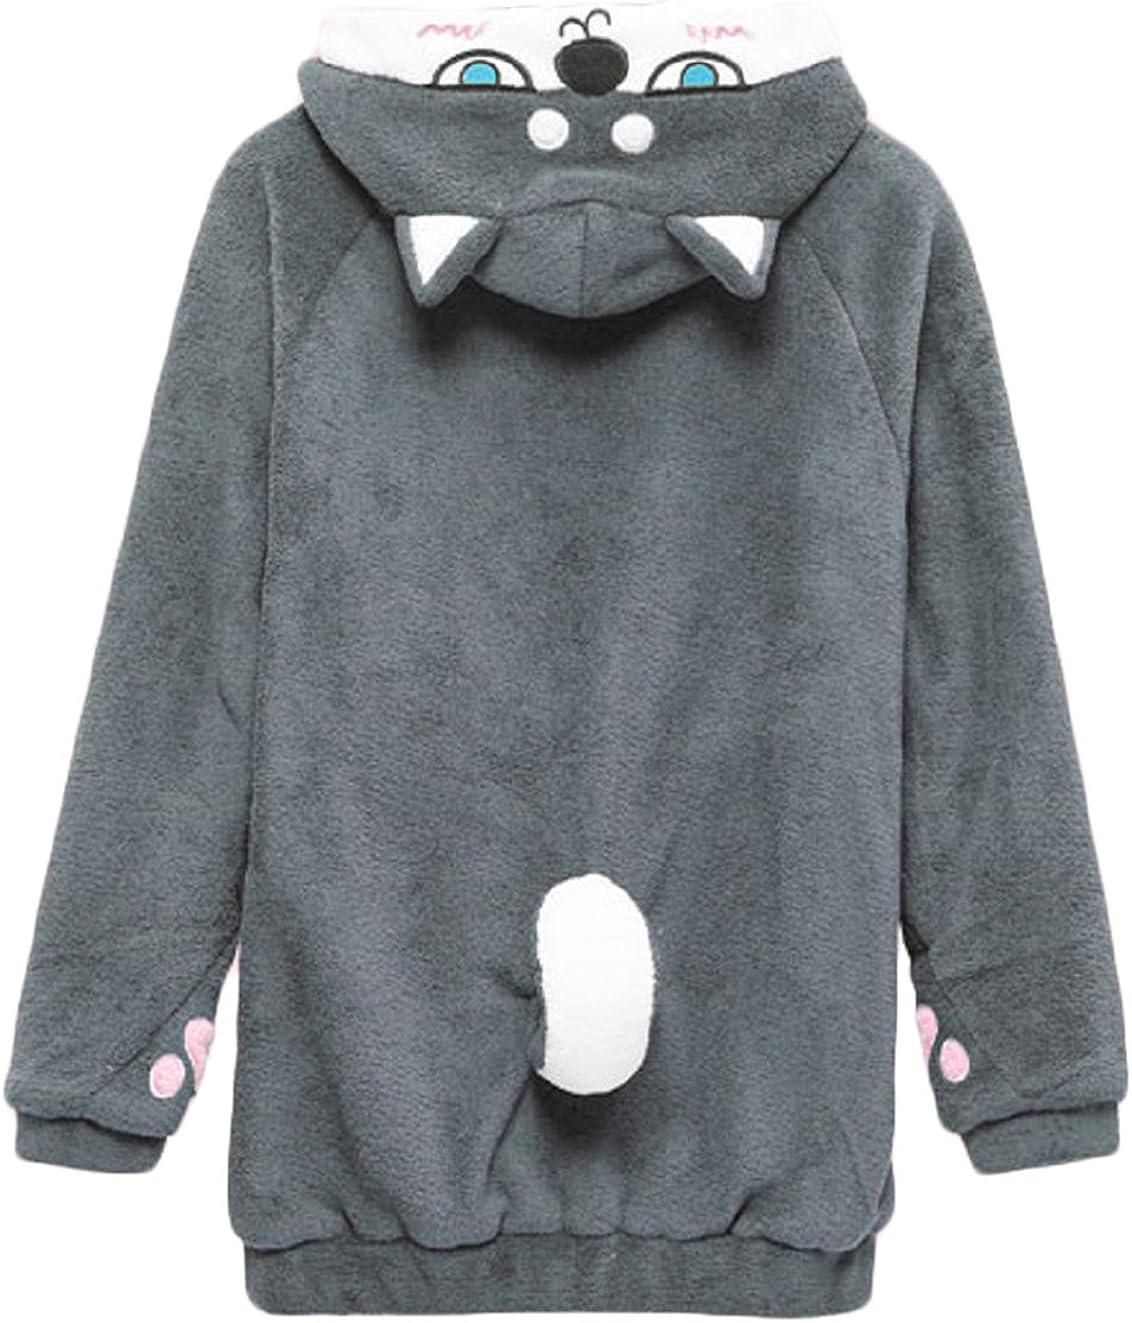 San Antonio Mall BAIMORE Home Wear Max 57% OFF Clothes Hoodie Cute Celvet Lo Coral Sweatshirt